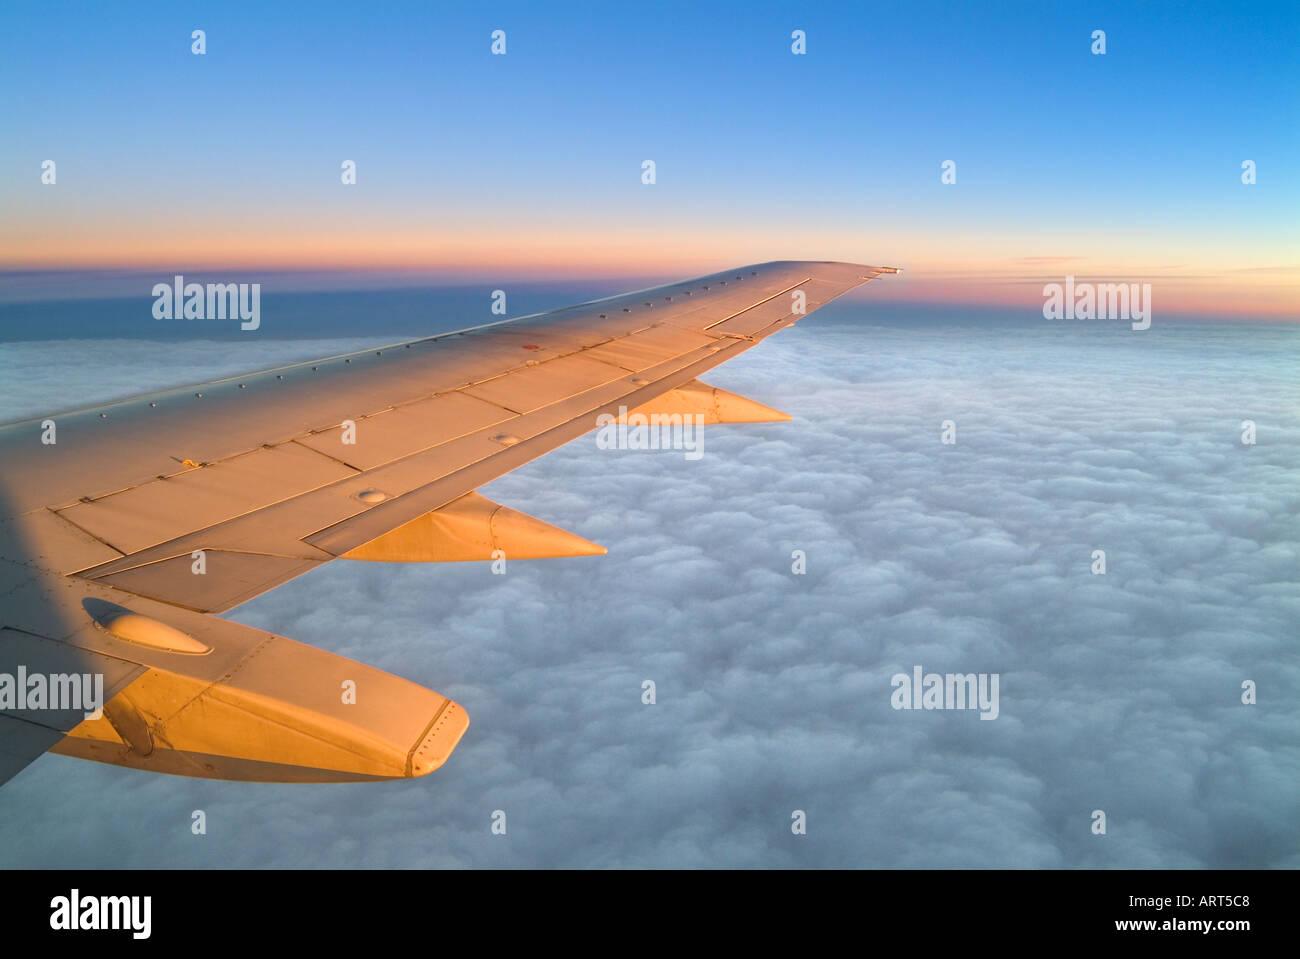 Ala de avión al atardecer Foto de stock